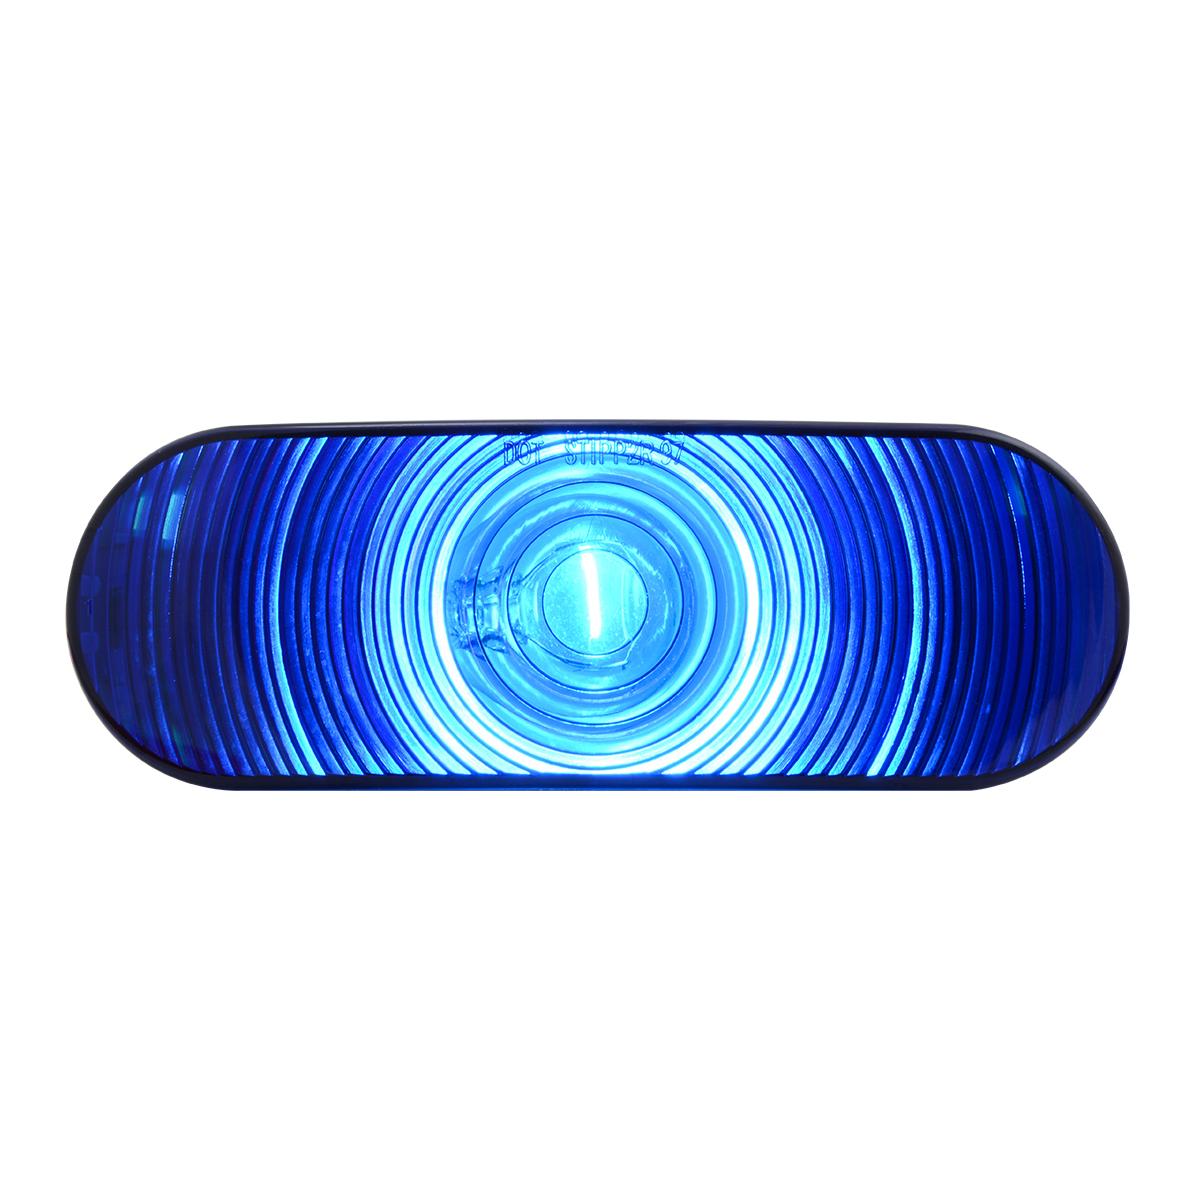 #79850 Oval Light - Blue Lens Only